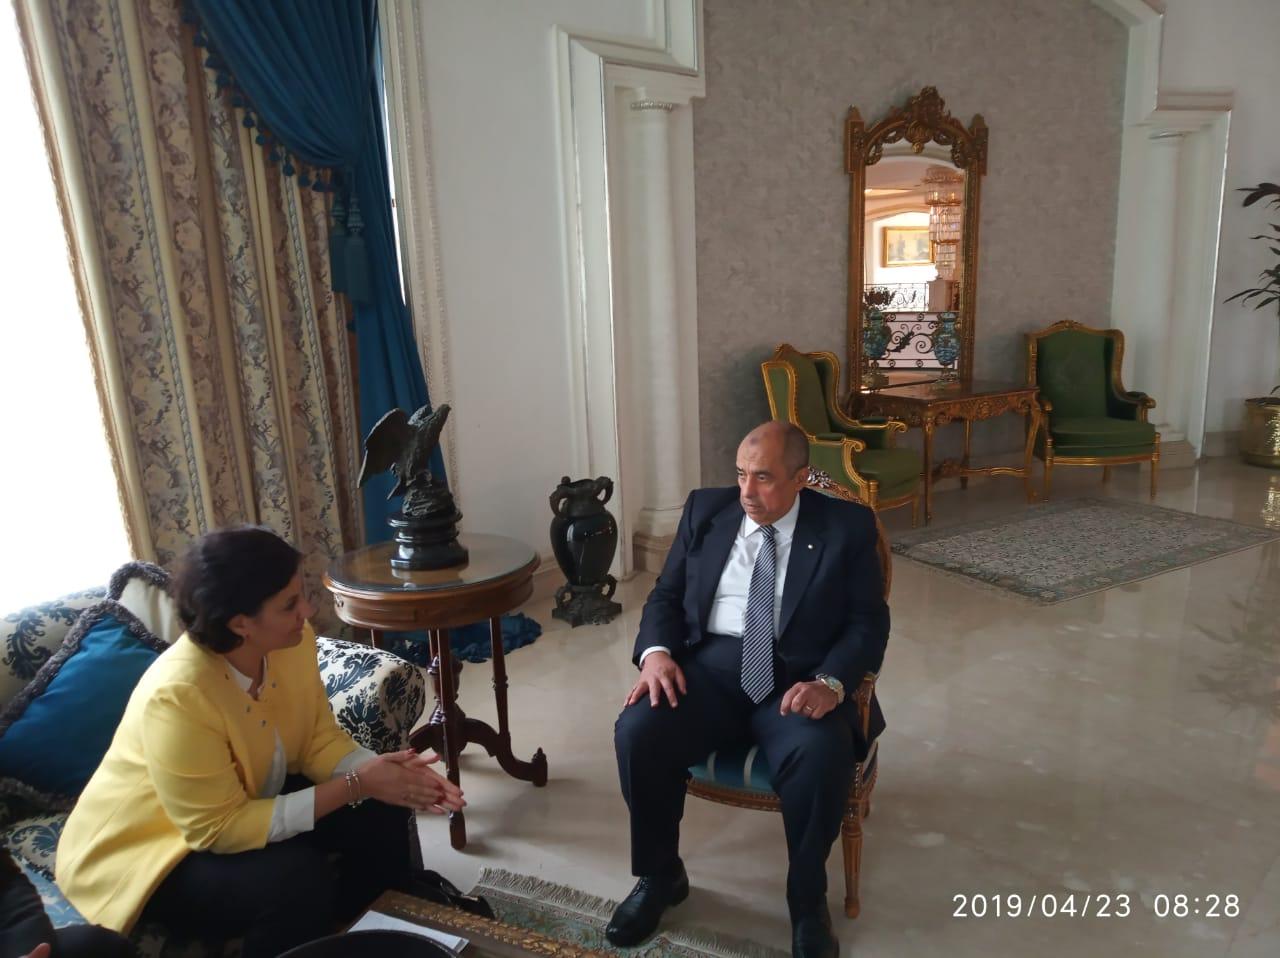 وزير الزراعة يبحث مع مدير مكتب الايفاد تكثيف التعاون  (3)